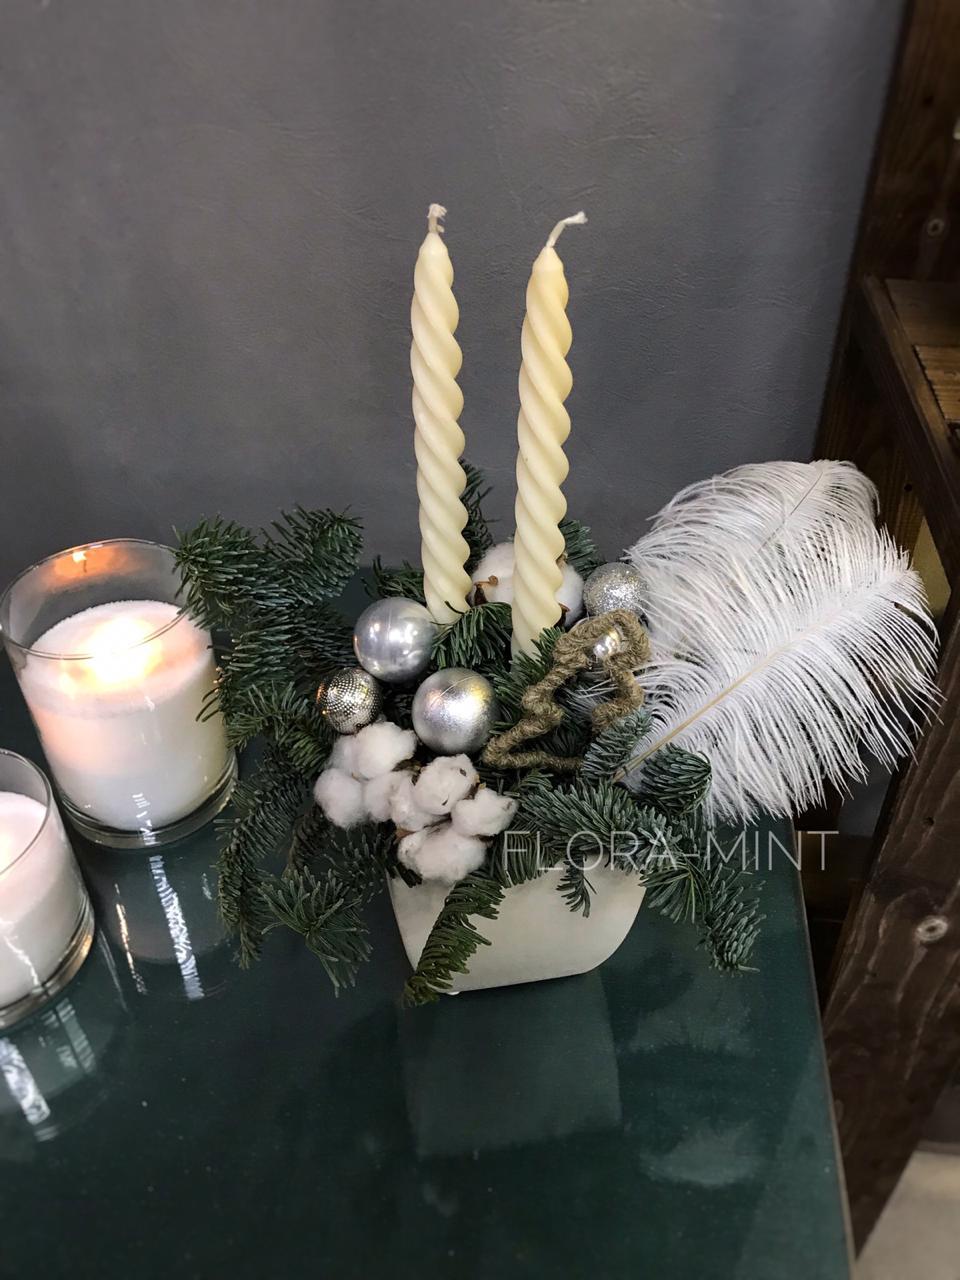 Композиция со свечами в керамическом кашпо